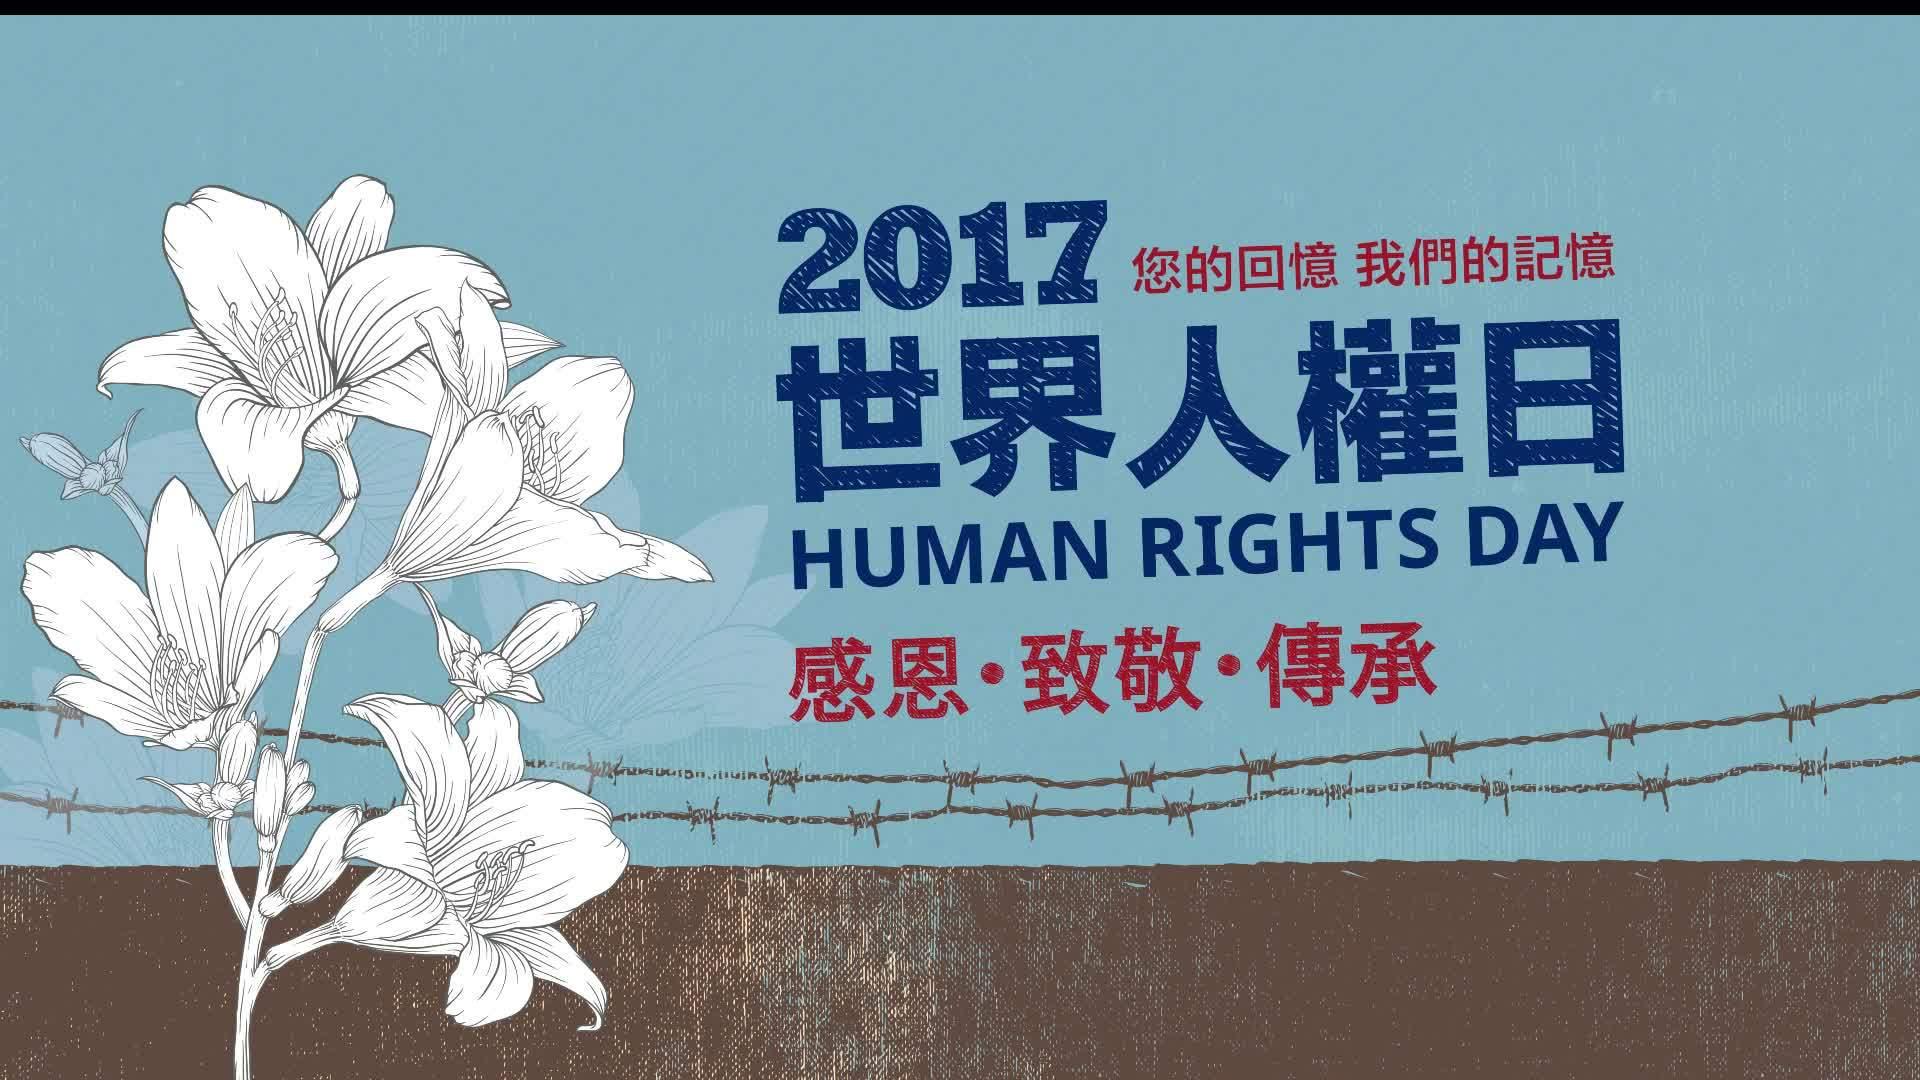 2017 世界人權日紀念活動 3分鐘